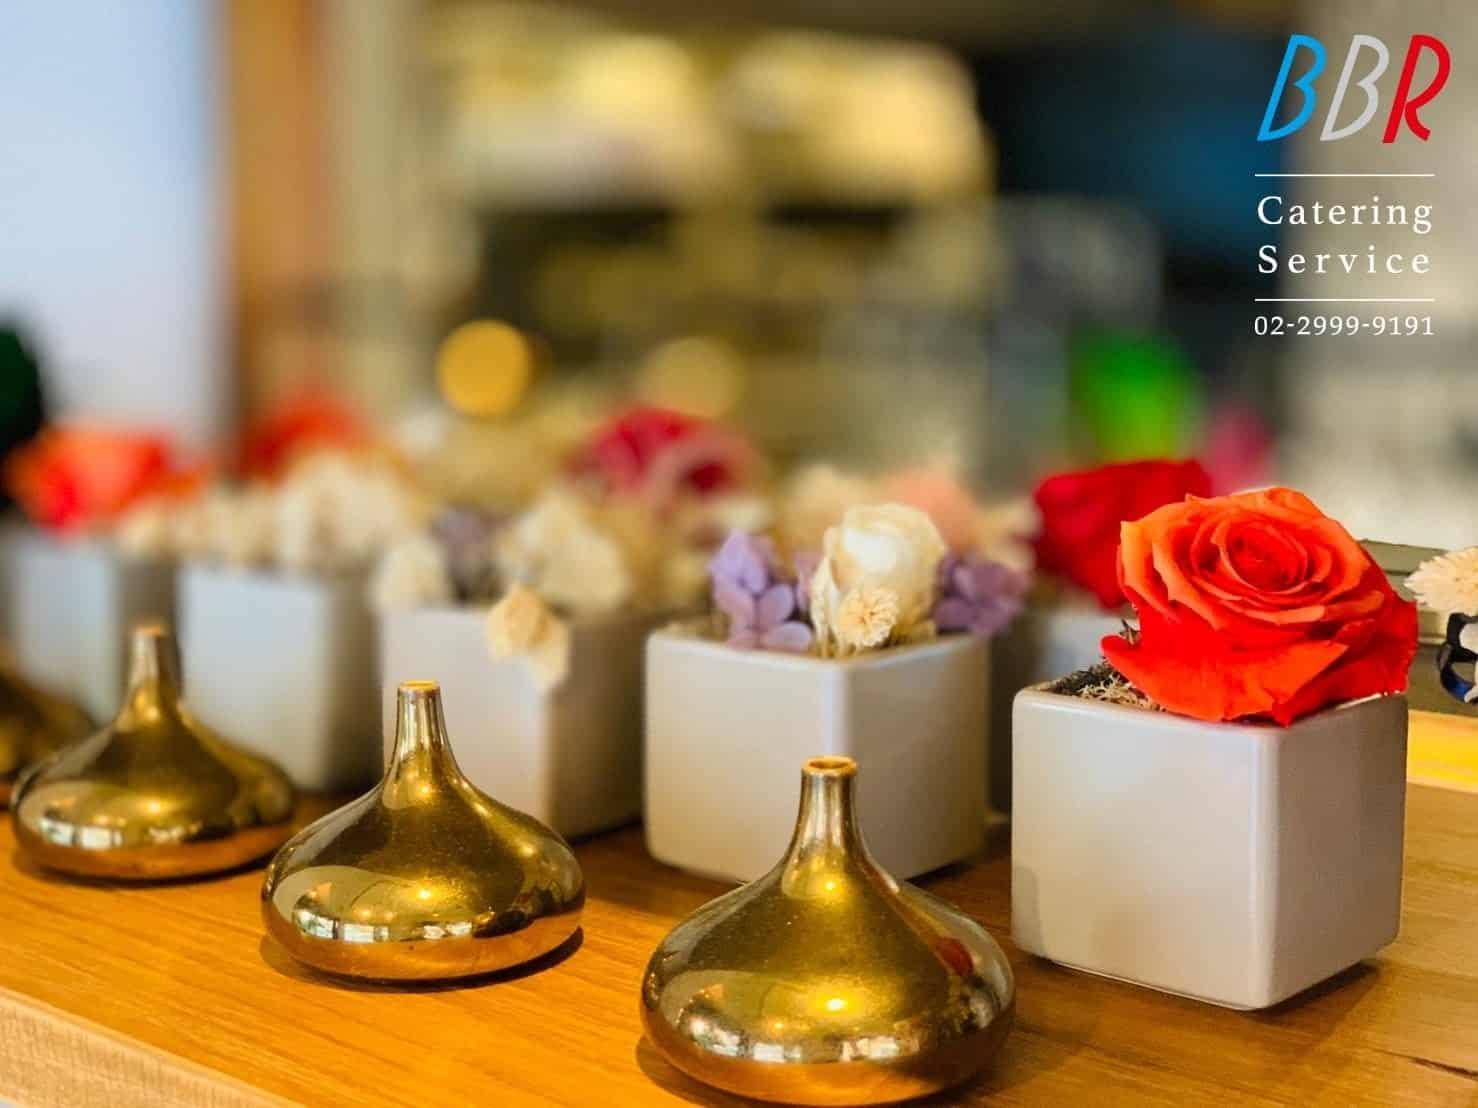 圖一、台北精緻外燴法國當代BBR專業服務及美味餐點,讓許多老客戶口碑推薦